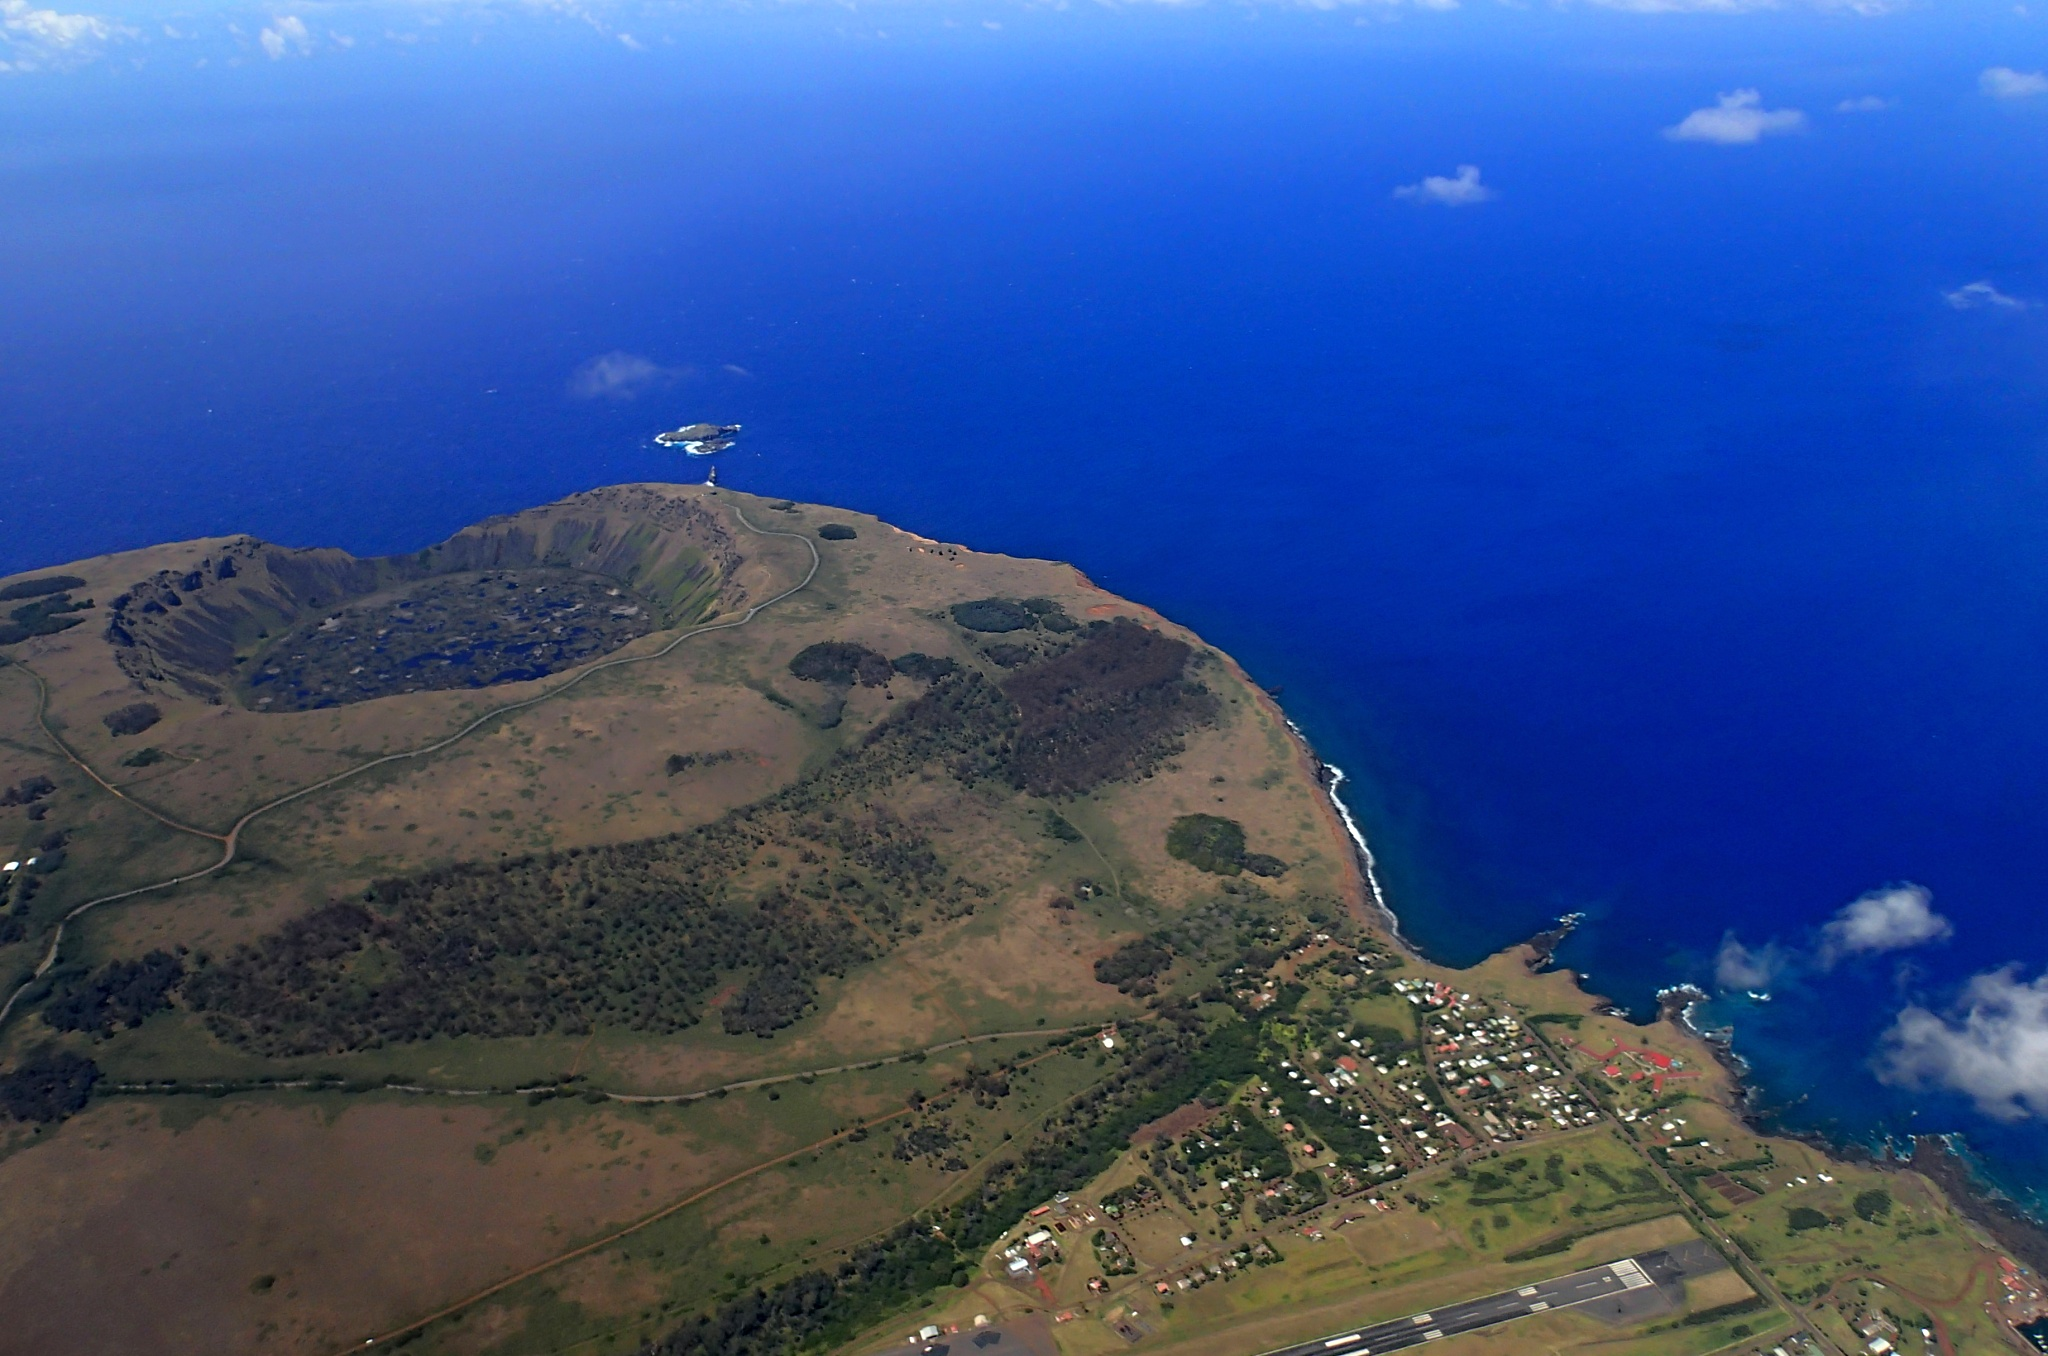 Vulkán Rano Kau, městečko Hanga Roa a kousek mezinárodního letiště